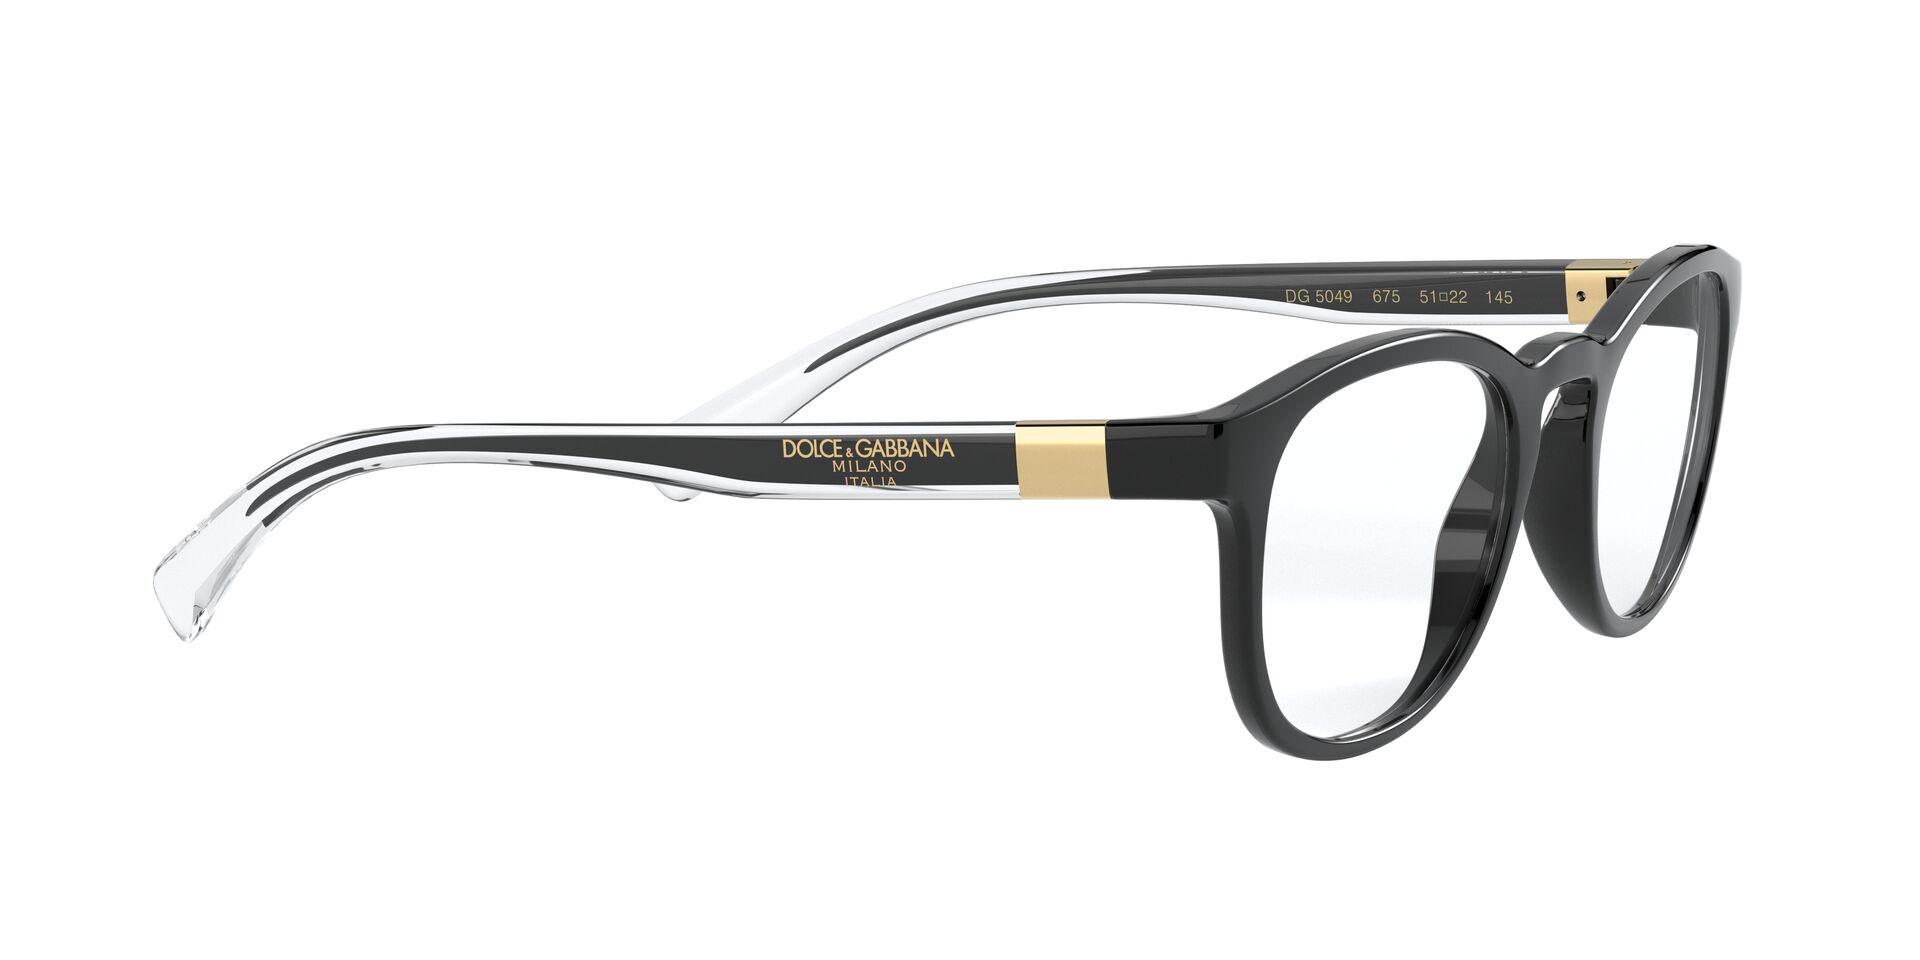 Dolce & Gabbana DG5049 675 51